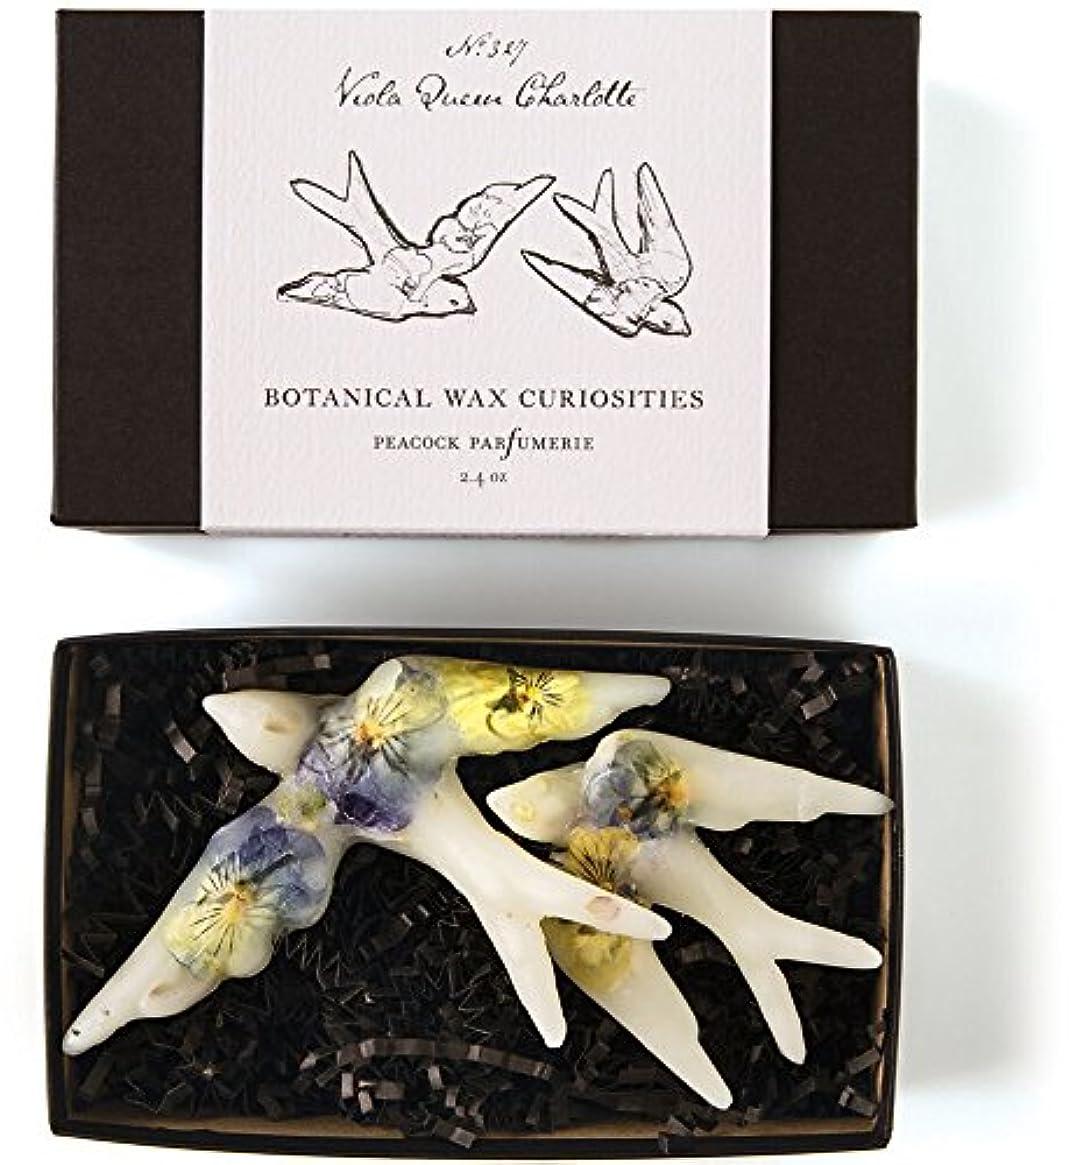 誇張する航空便ラメロージーリングス ボタニスト ボタニカルワックスキュリオシティ ビオラクィーンシャーロット ROSY RINGS Botanist Collection Botanical Wax Curiosities – Viola...